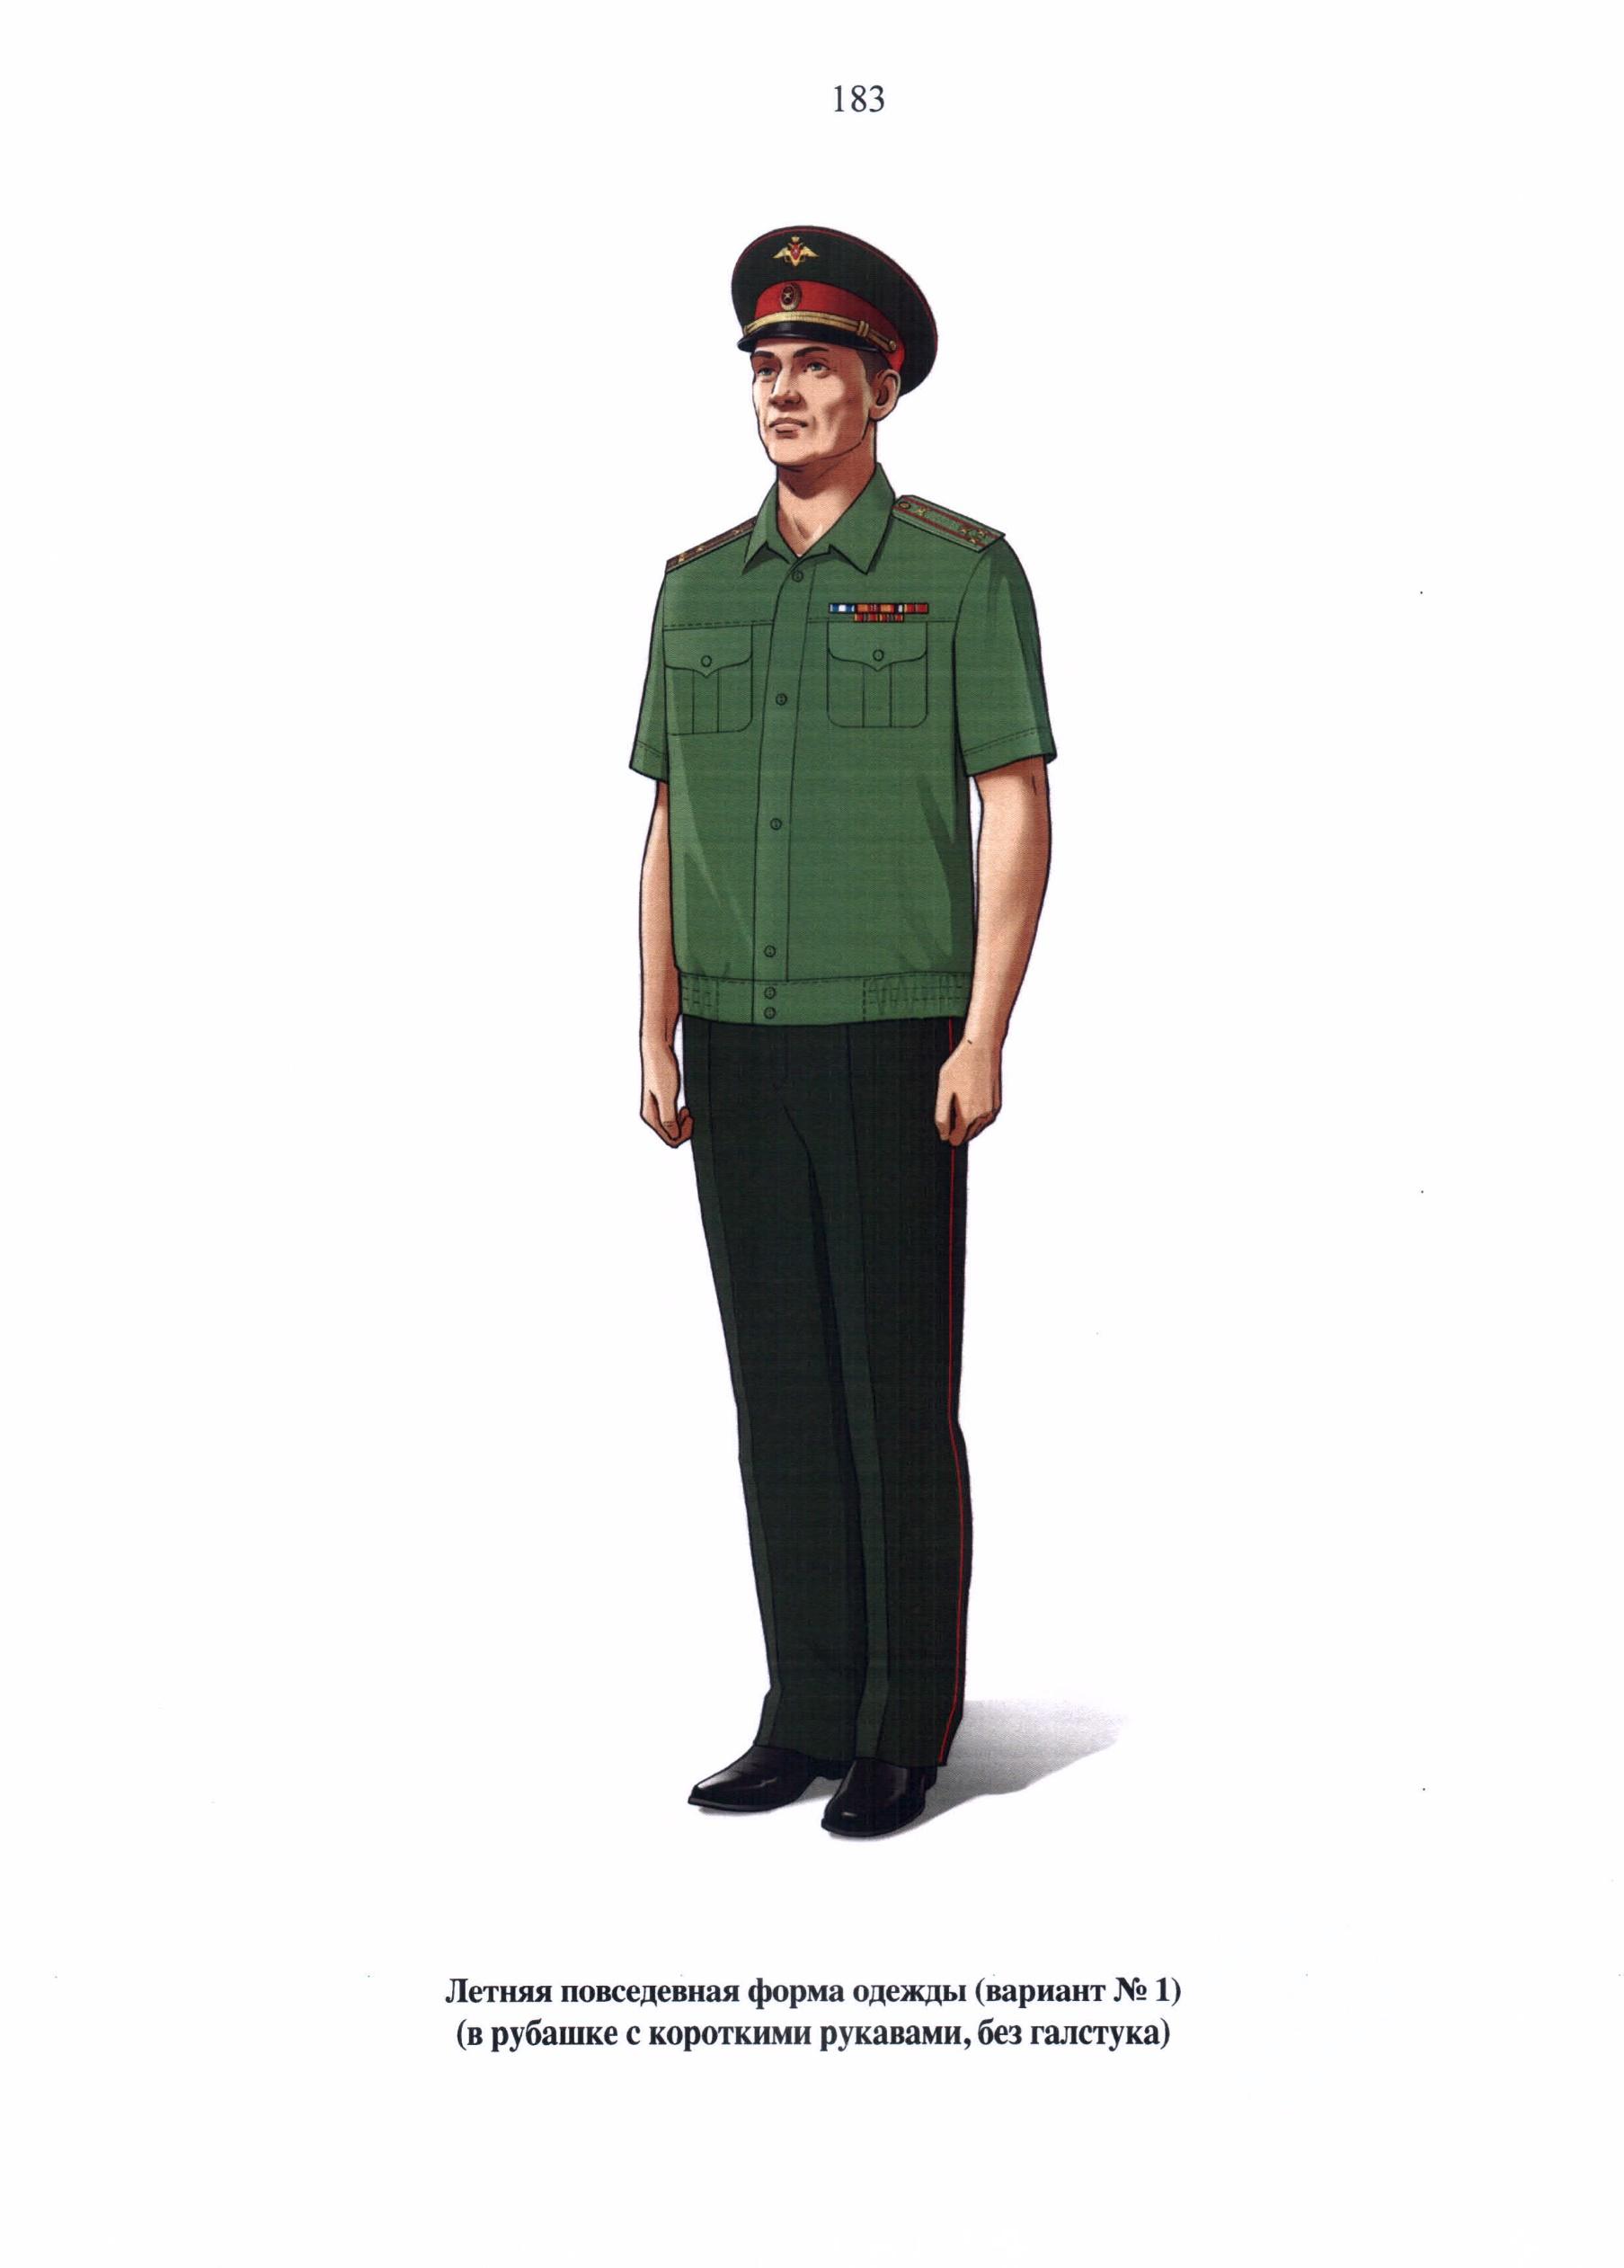 C:\Users\User\Desktop\Приказ МО РФ от 22.06.2015 г. № 300 Правила ношения военной формы одежды\181931.JPG